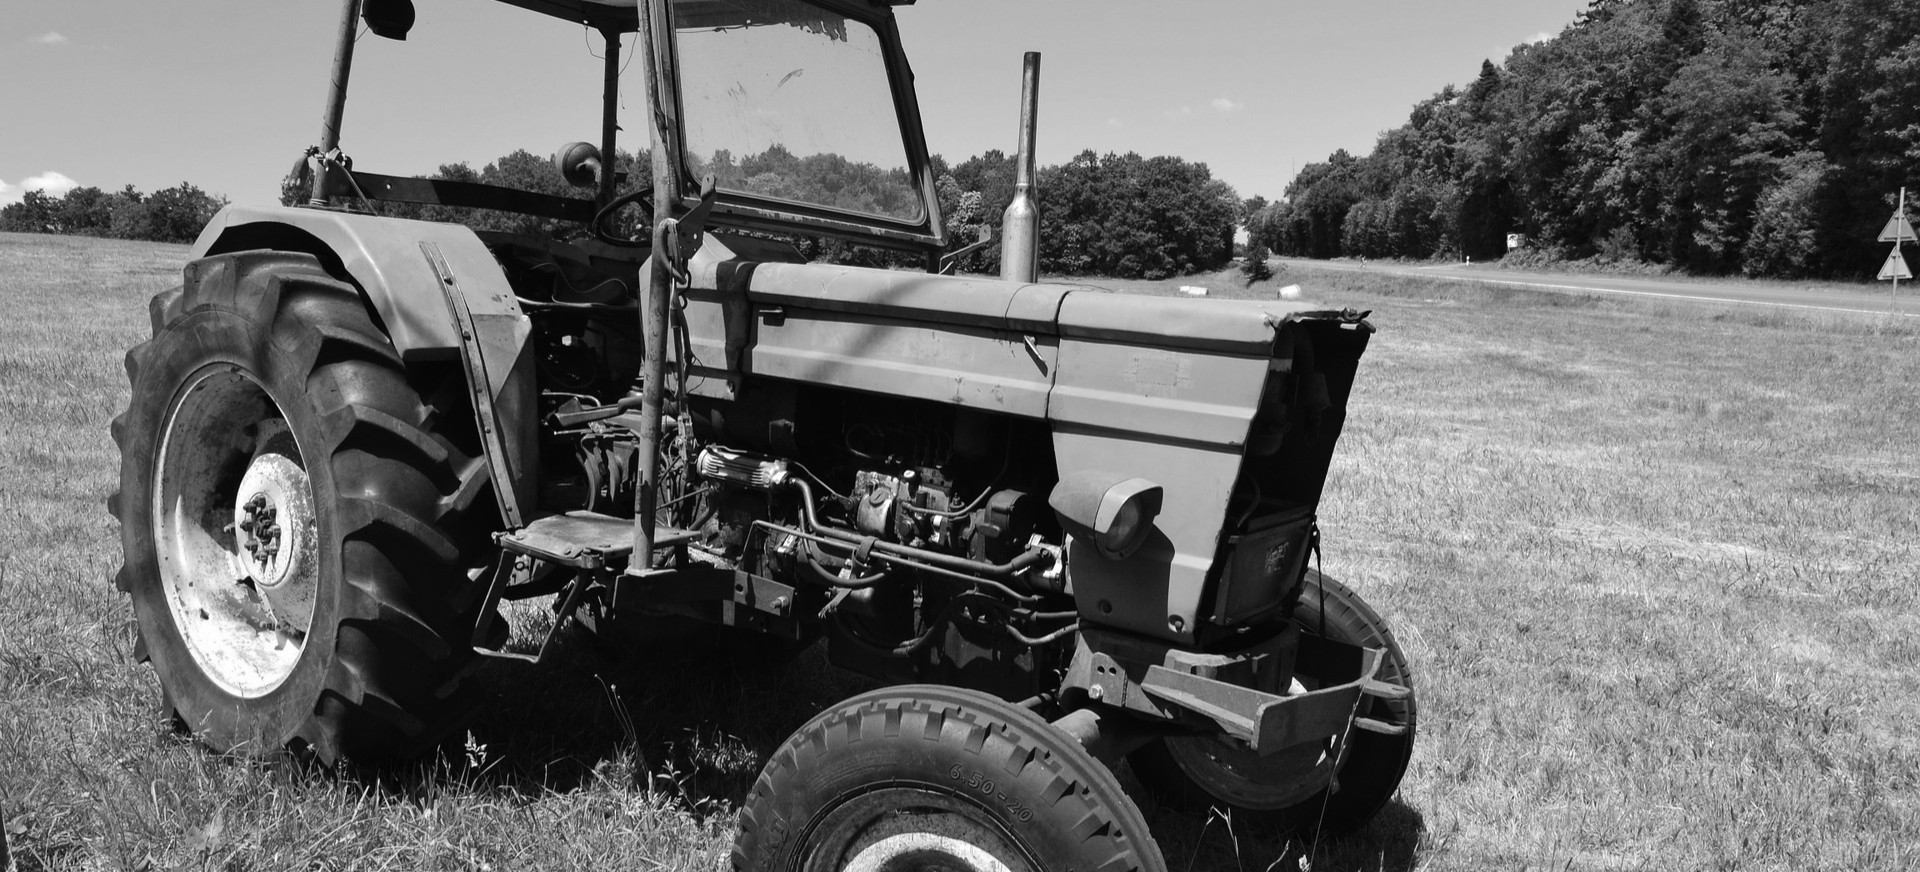 Traktor przygniótł mężczyznę. 59-latek nie żyje